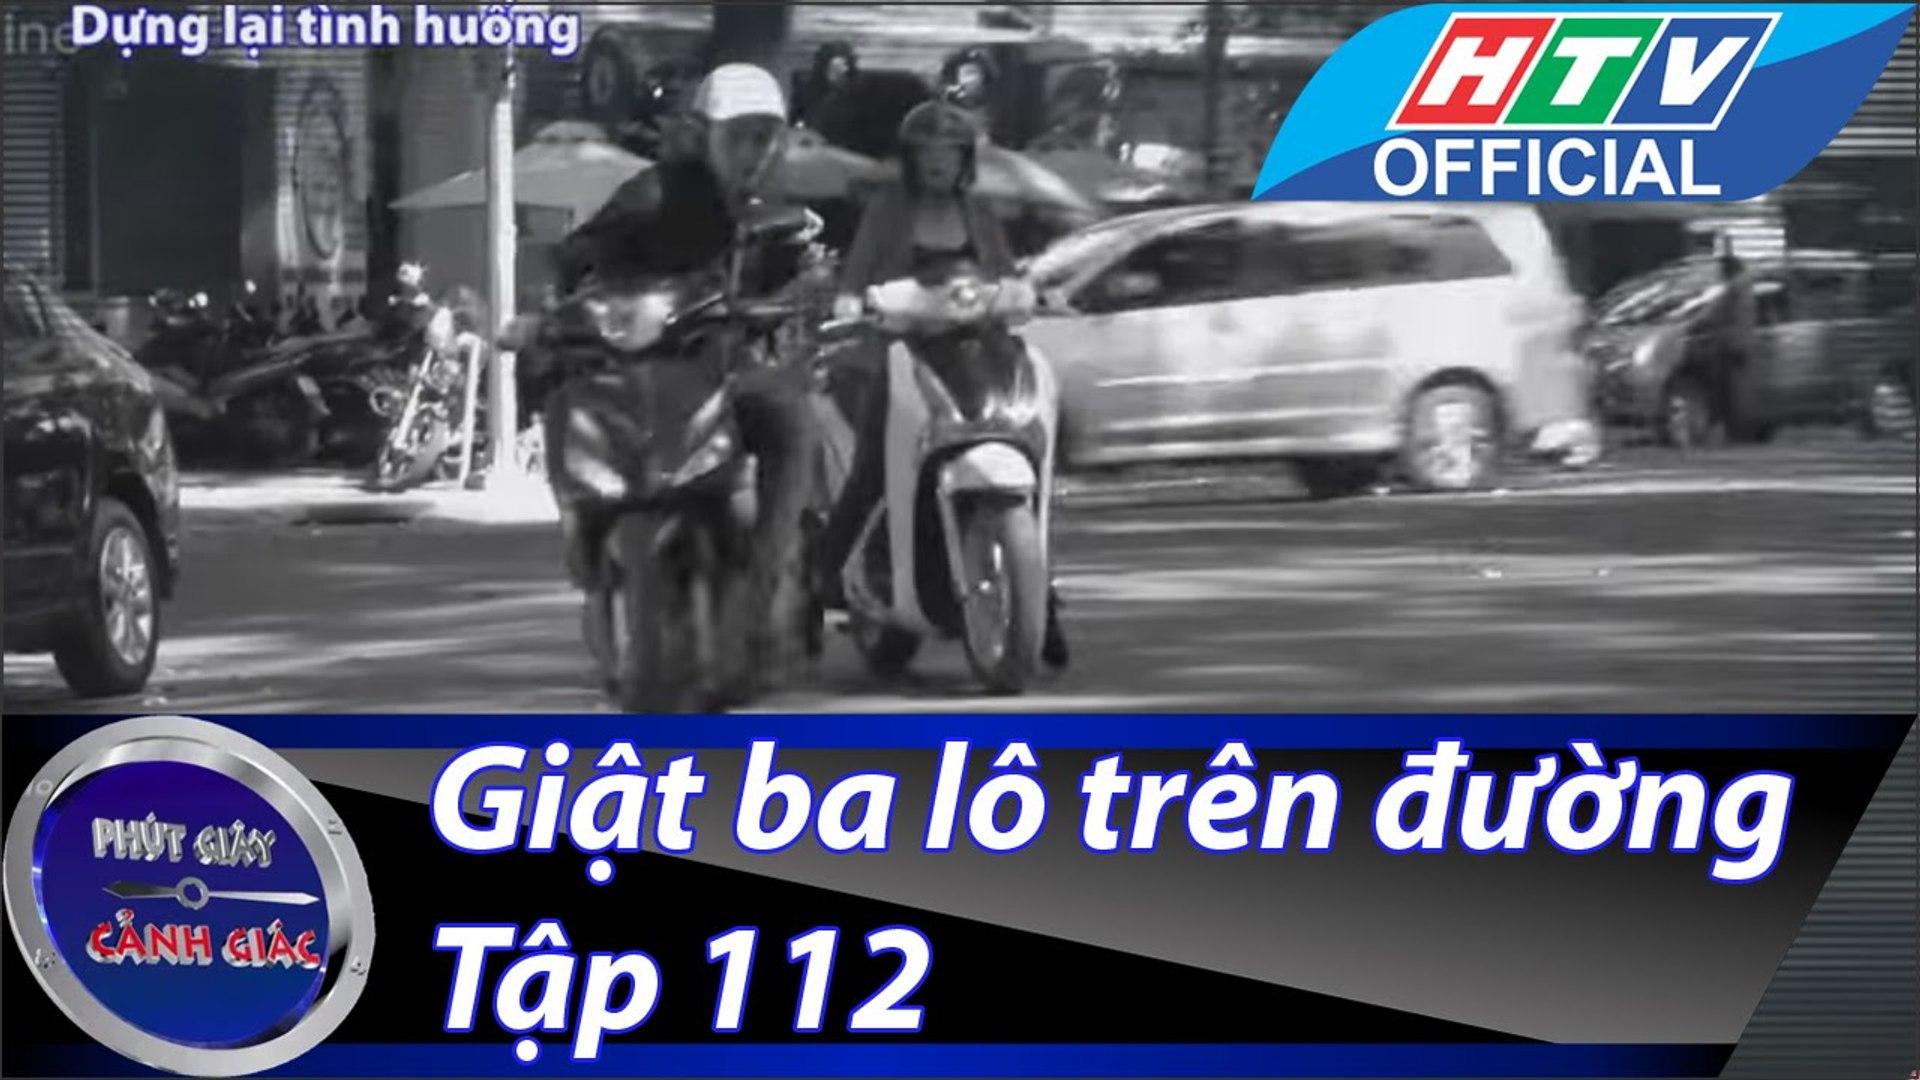 Phút giây cảnh giác - Tập 8 - Giật ba lô trên đường - HTV